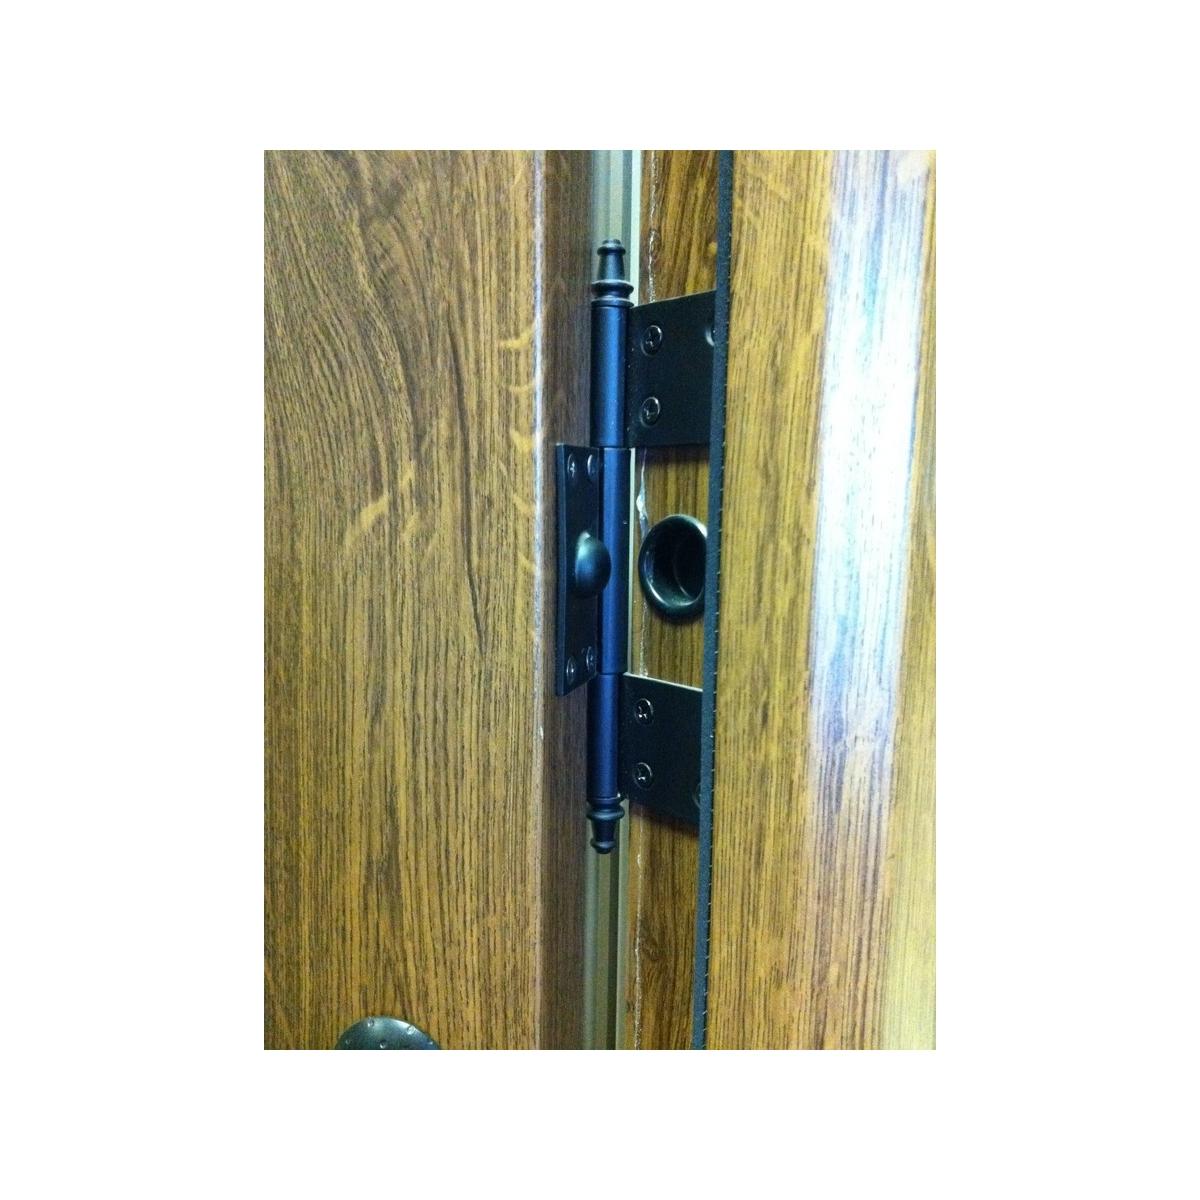 Puerta acorazada Triana - Puertas acorazadas Serie B4-BL